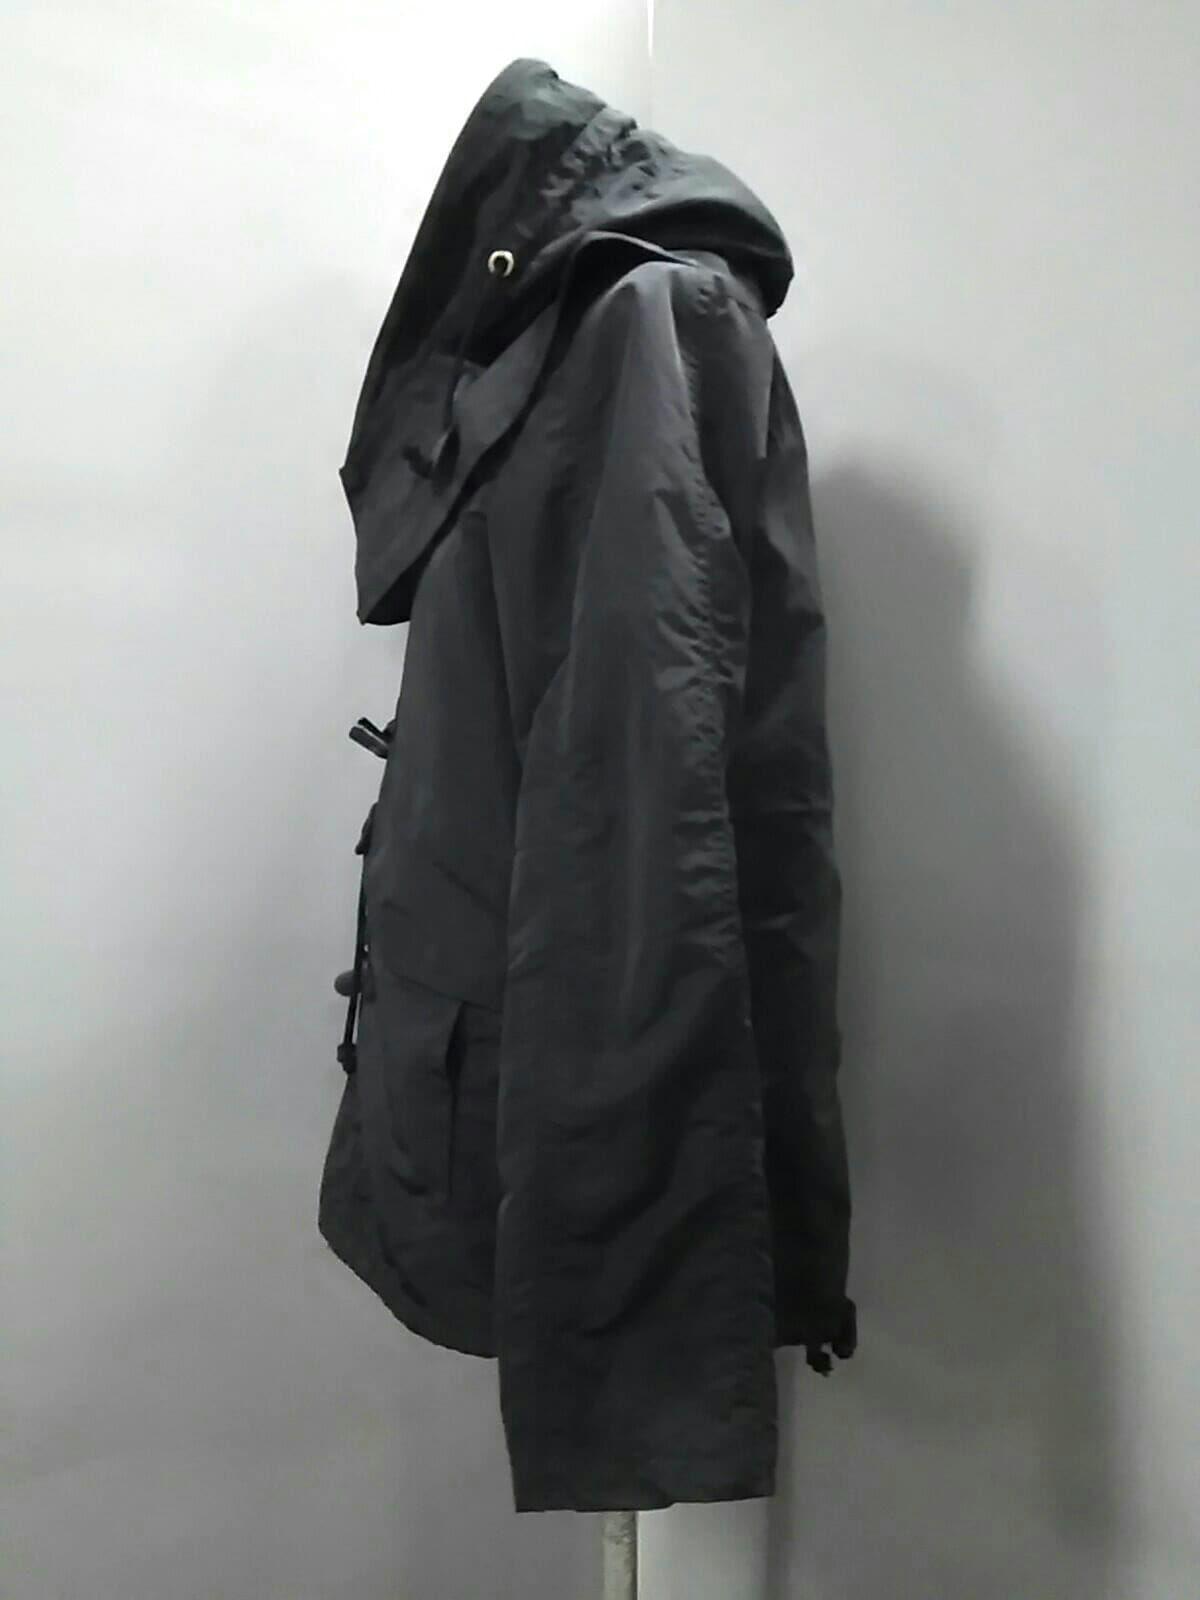 MARECHALTERRE(マルシャル・テル)のコート